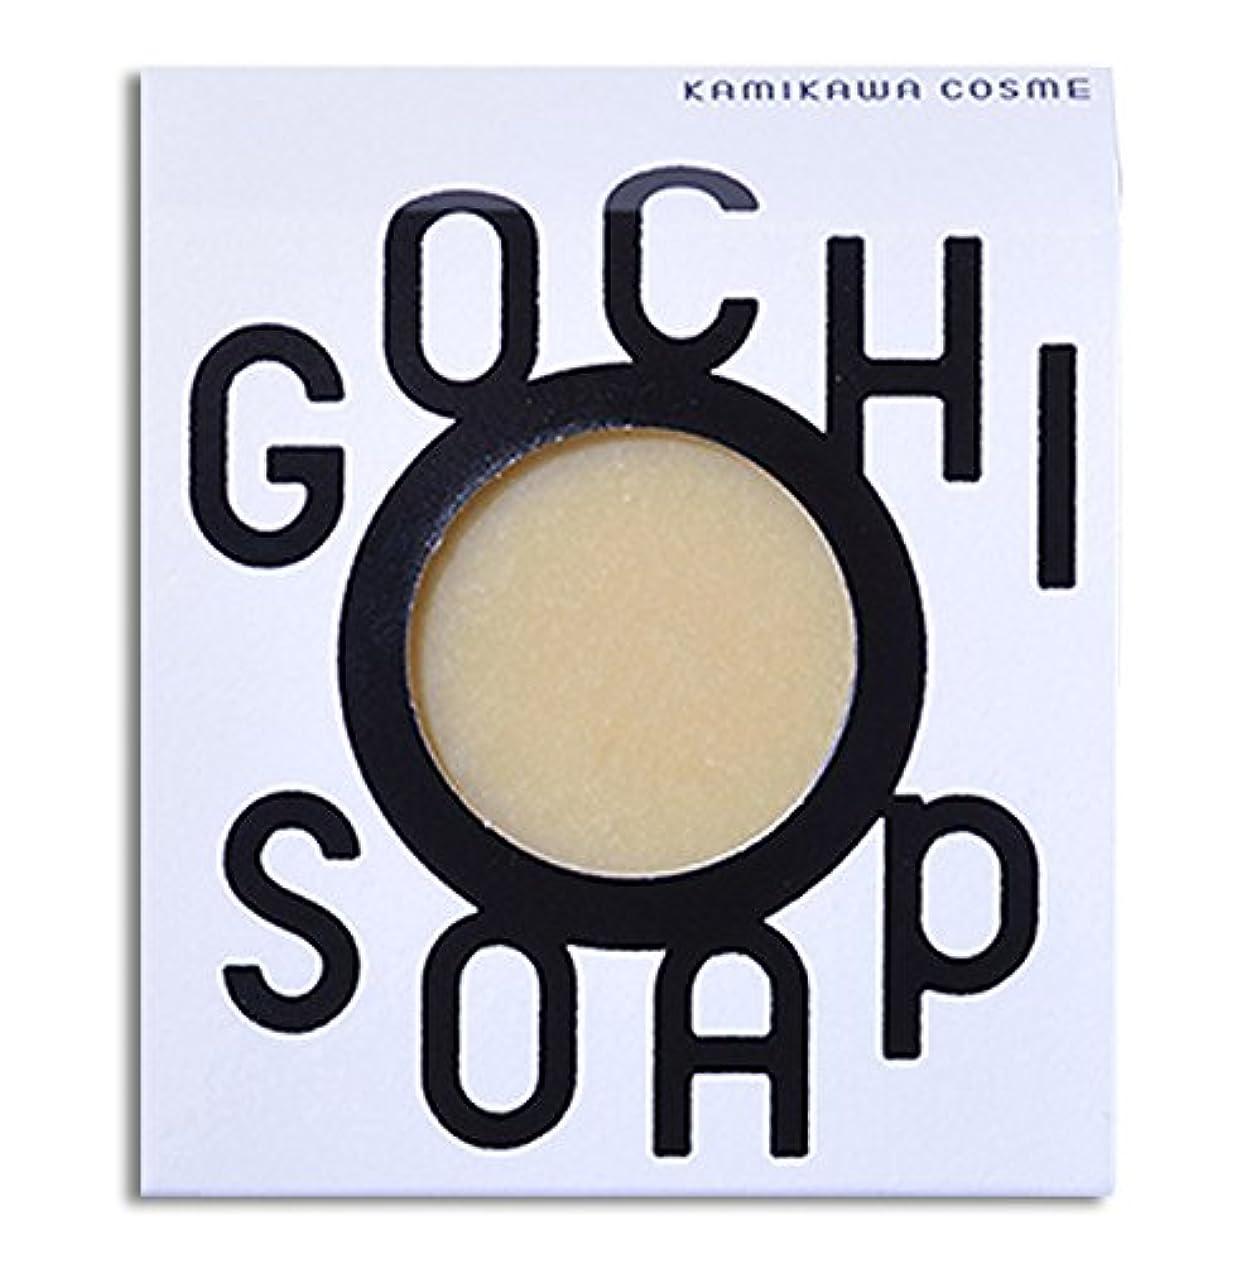 神社タイヤ知っているに立ち寄る道北の素材を使用したコスメブランド GOCHI SOAP(山路養蜂園の蜂蜜ソープ?ふじくらますも果樹園のりんごソープ)各1個セット